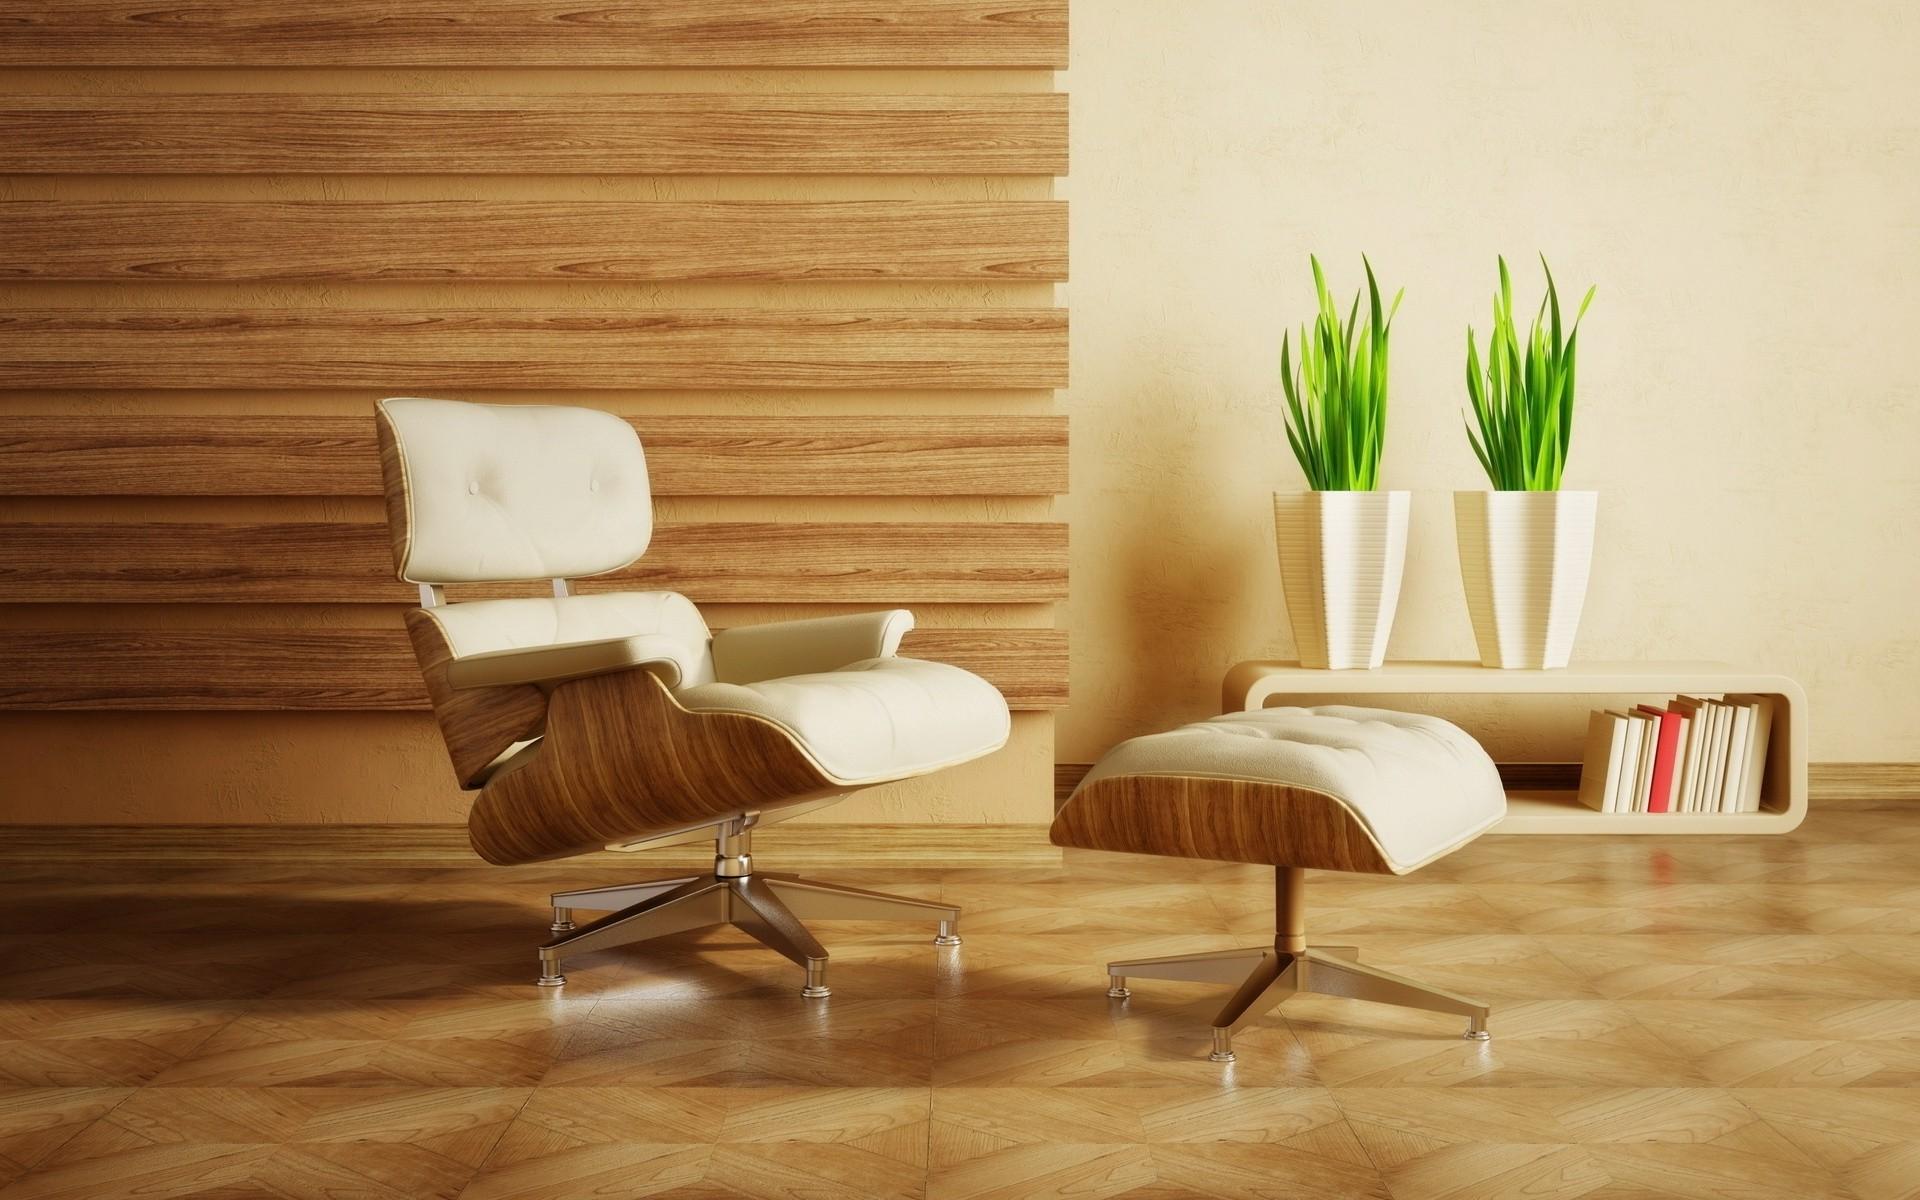 eames chair wallpaper - photo #8